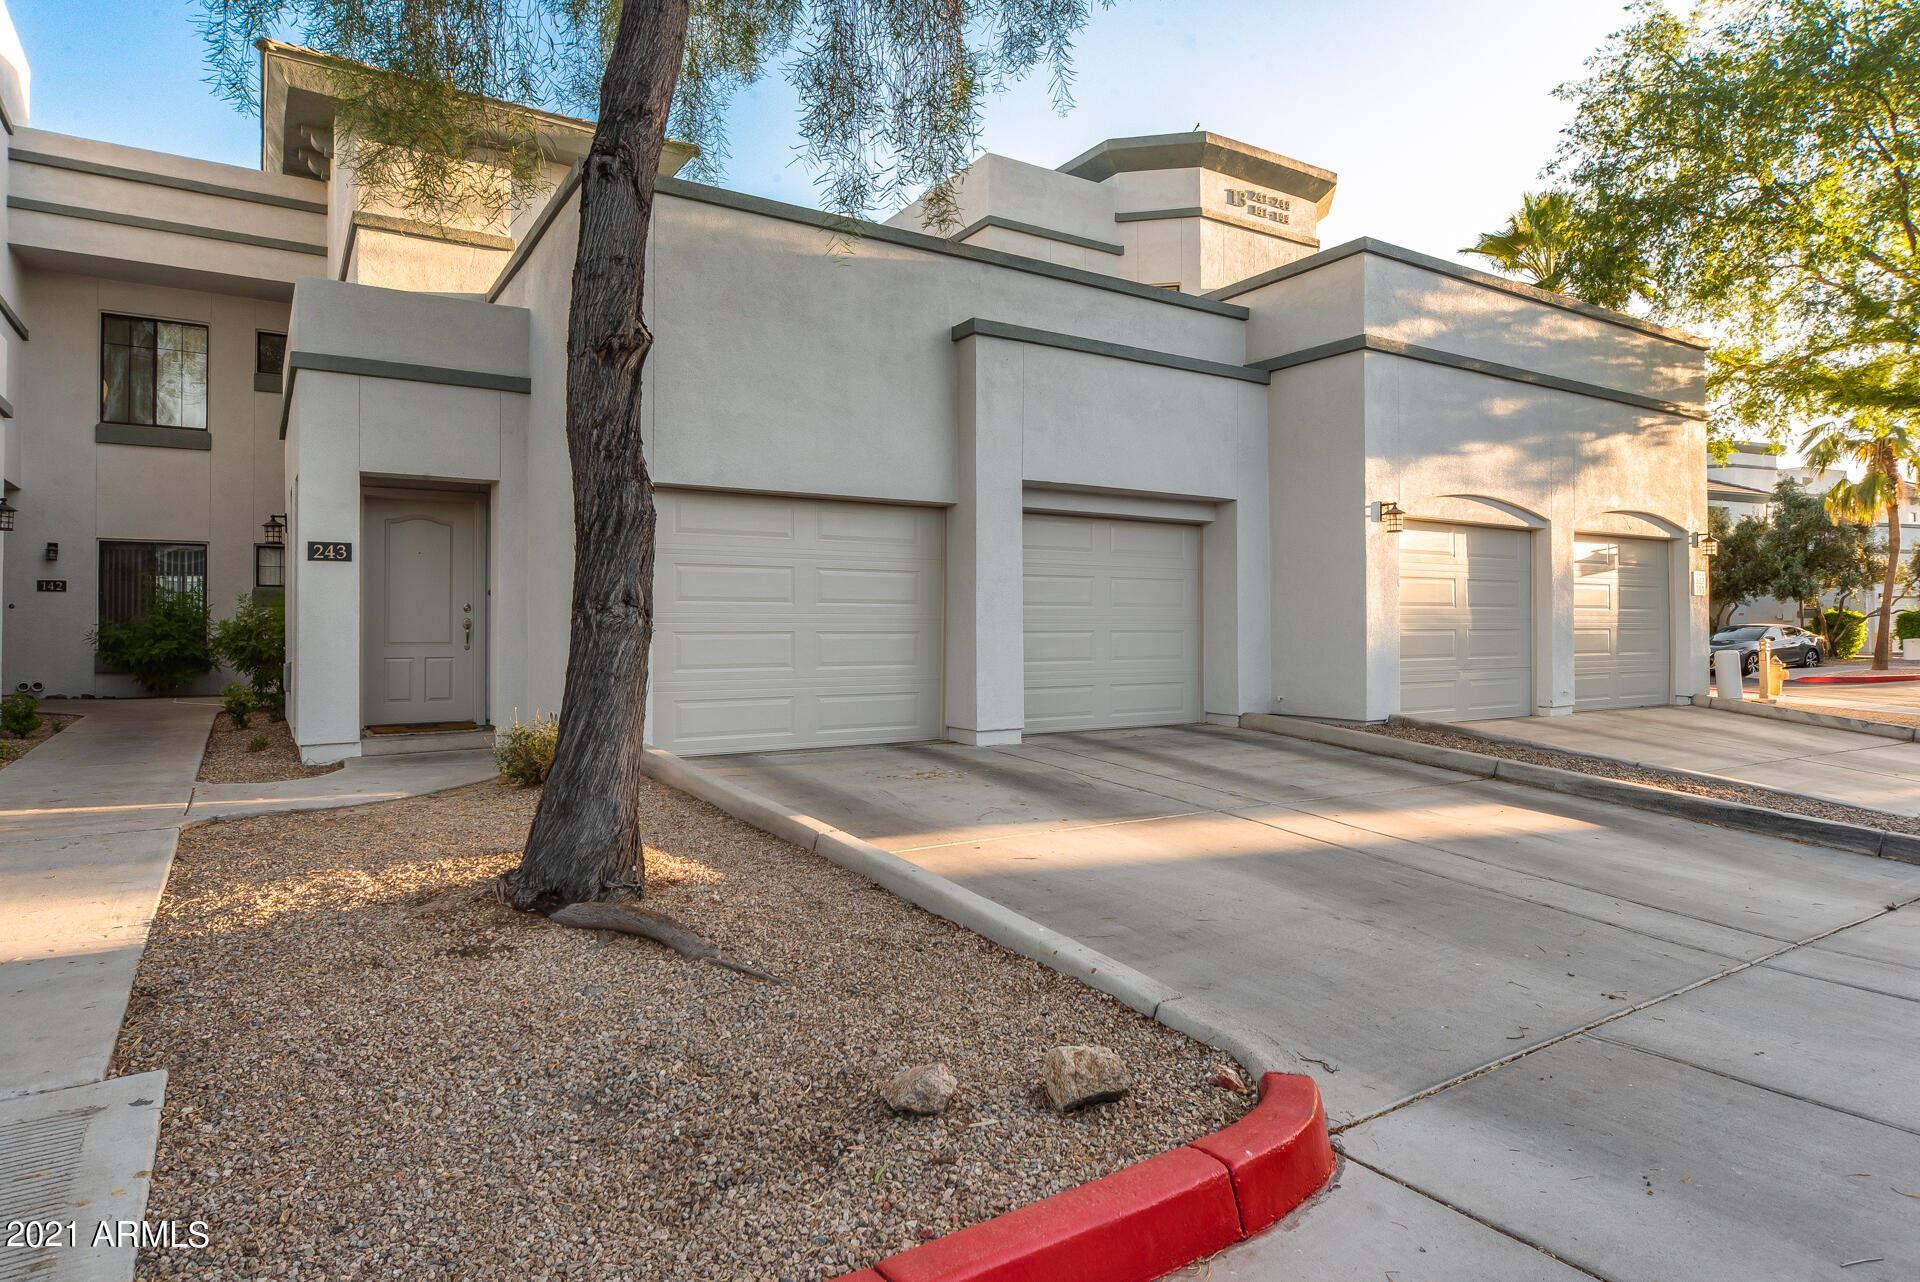 295 N RURAL Road #243, Chandler, AZ 85226 - MLS#: 6232026